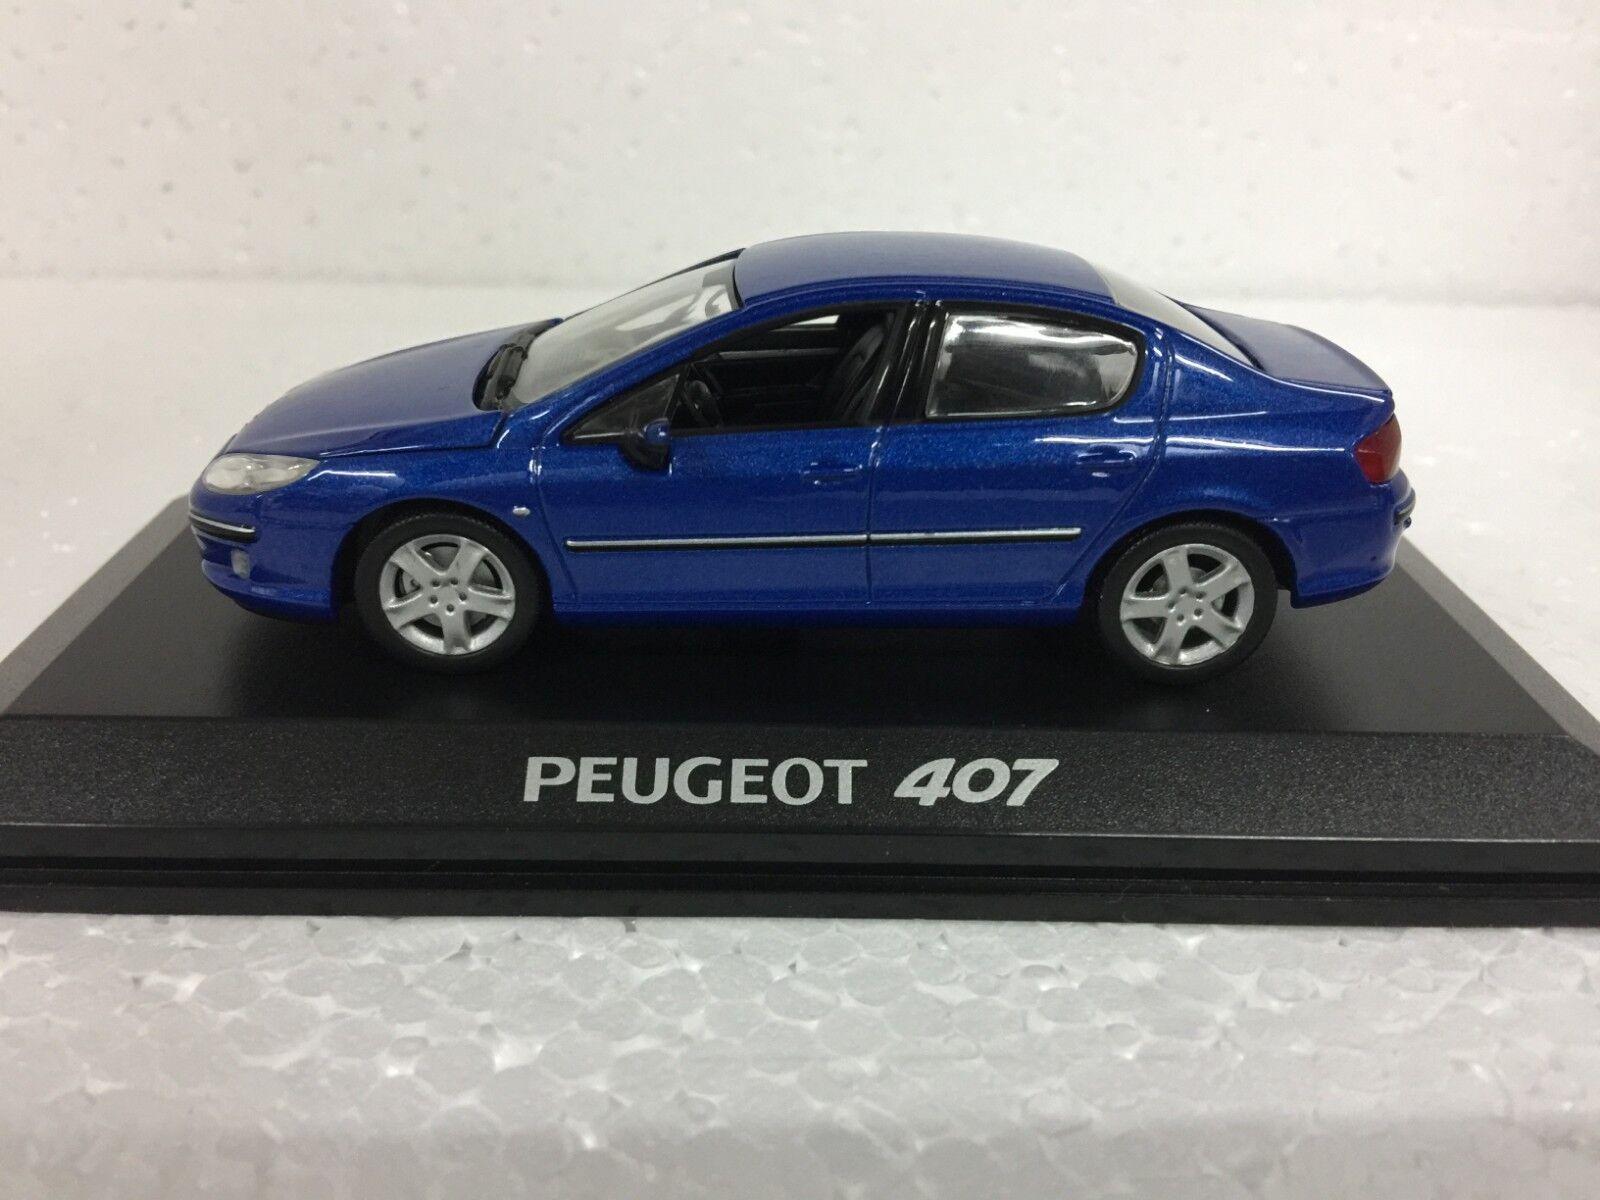 1 43 NOREV PEUGEOT 407 BERLINE SALOON blueE diecast model car